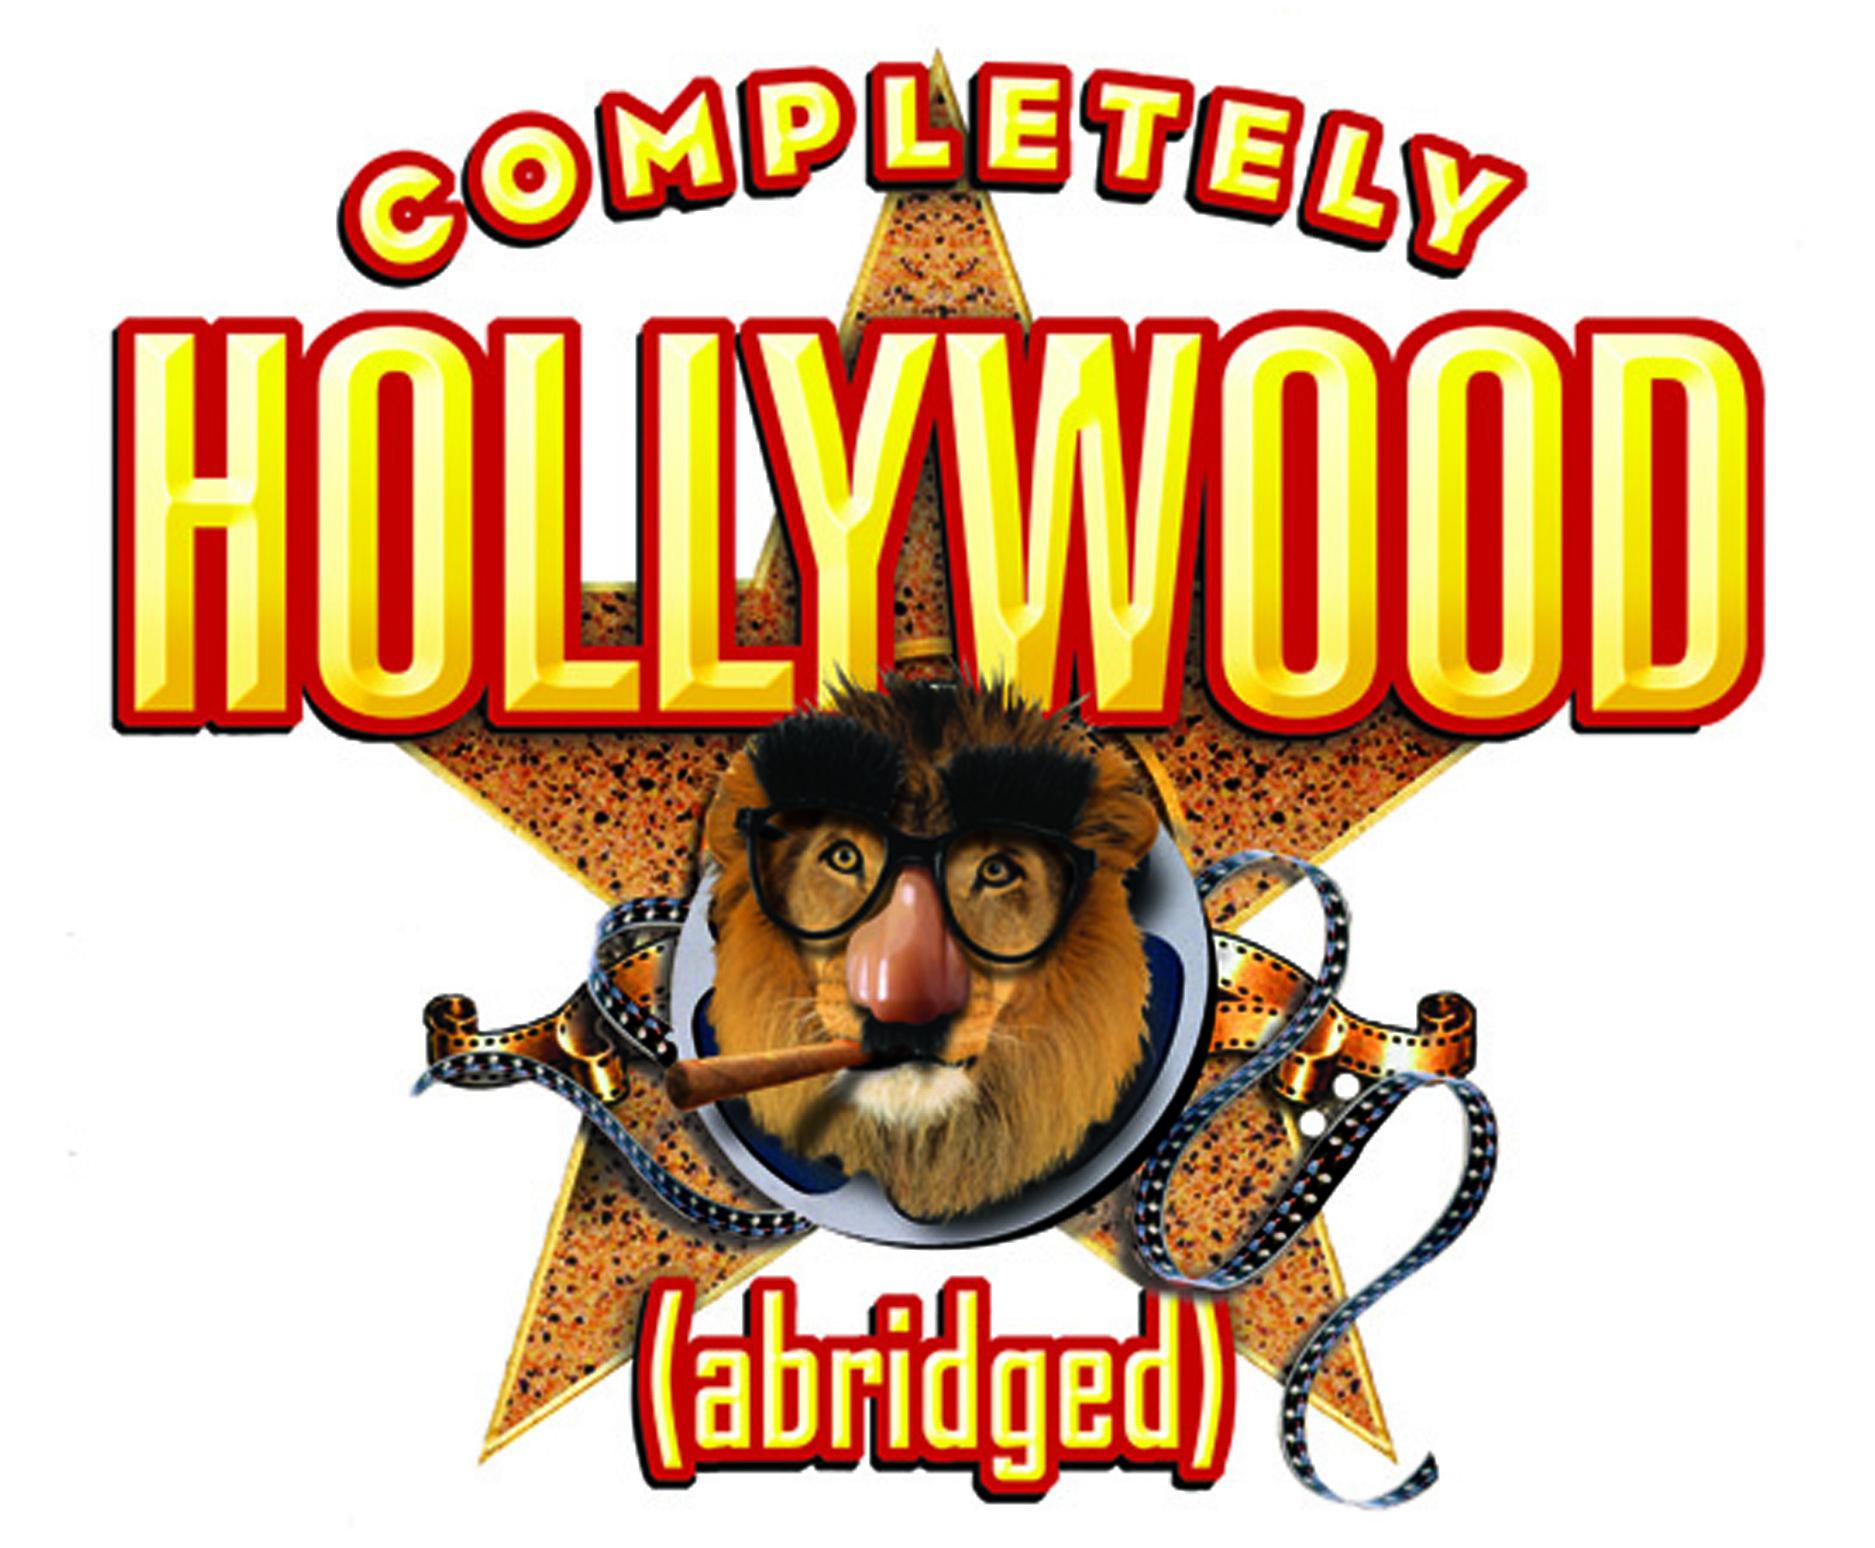 hollywood-logo